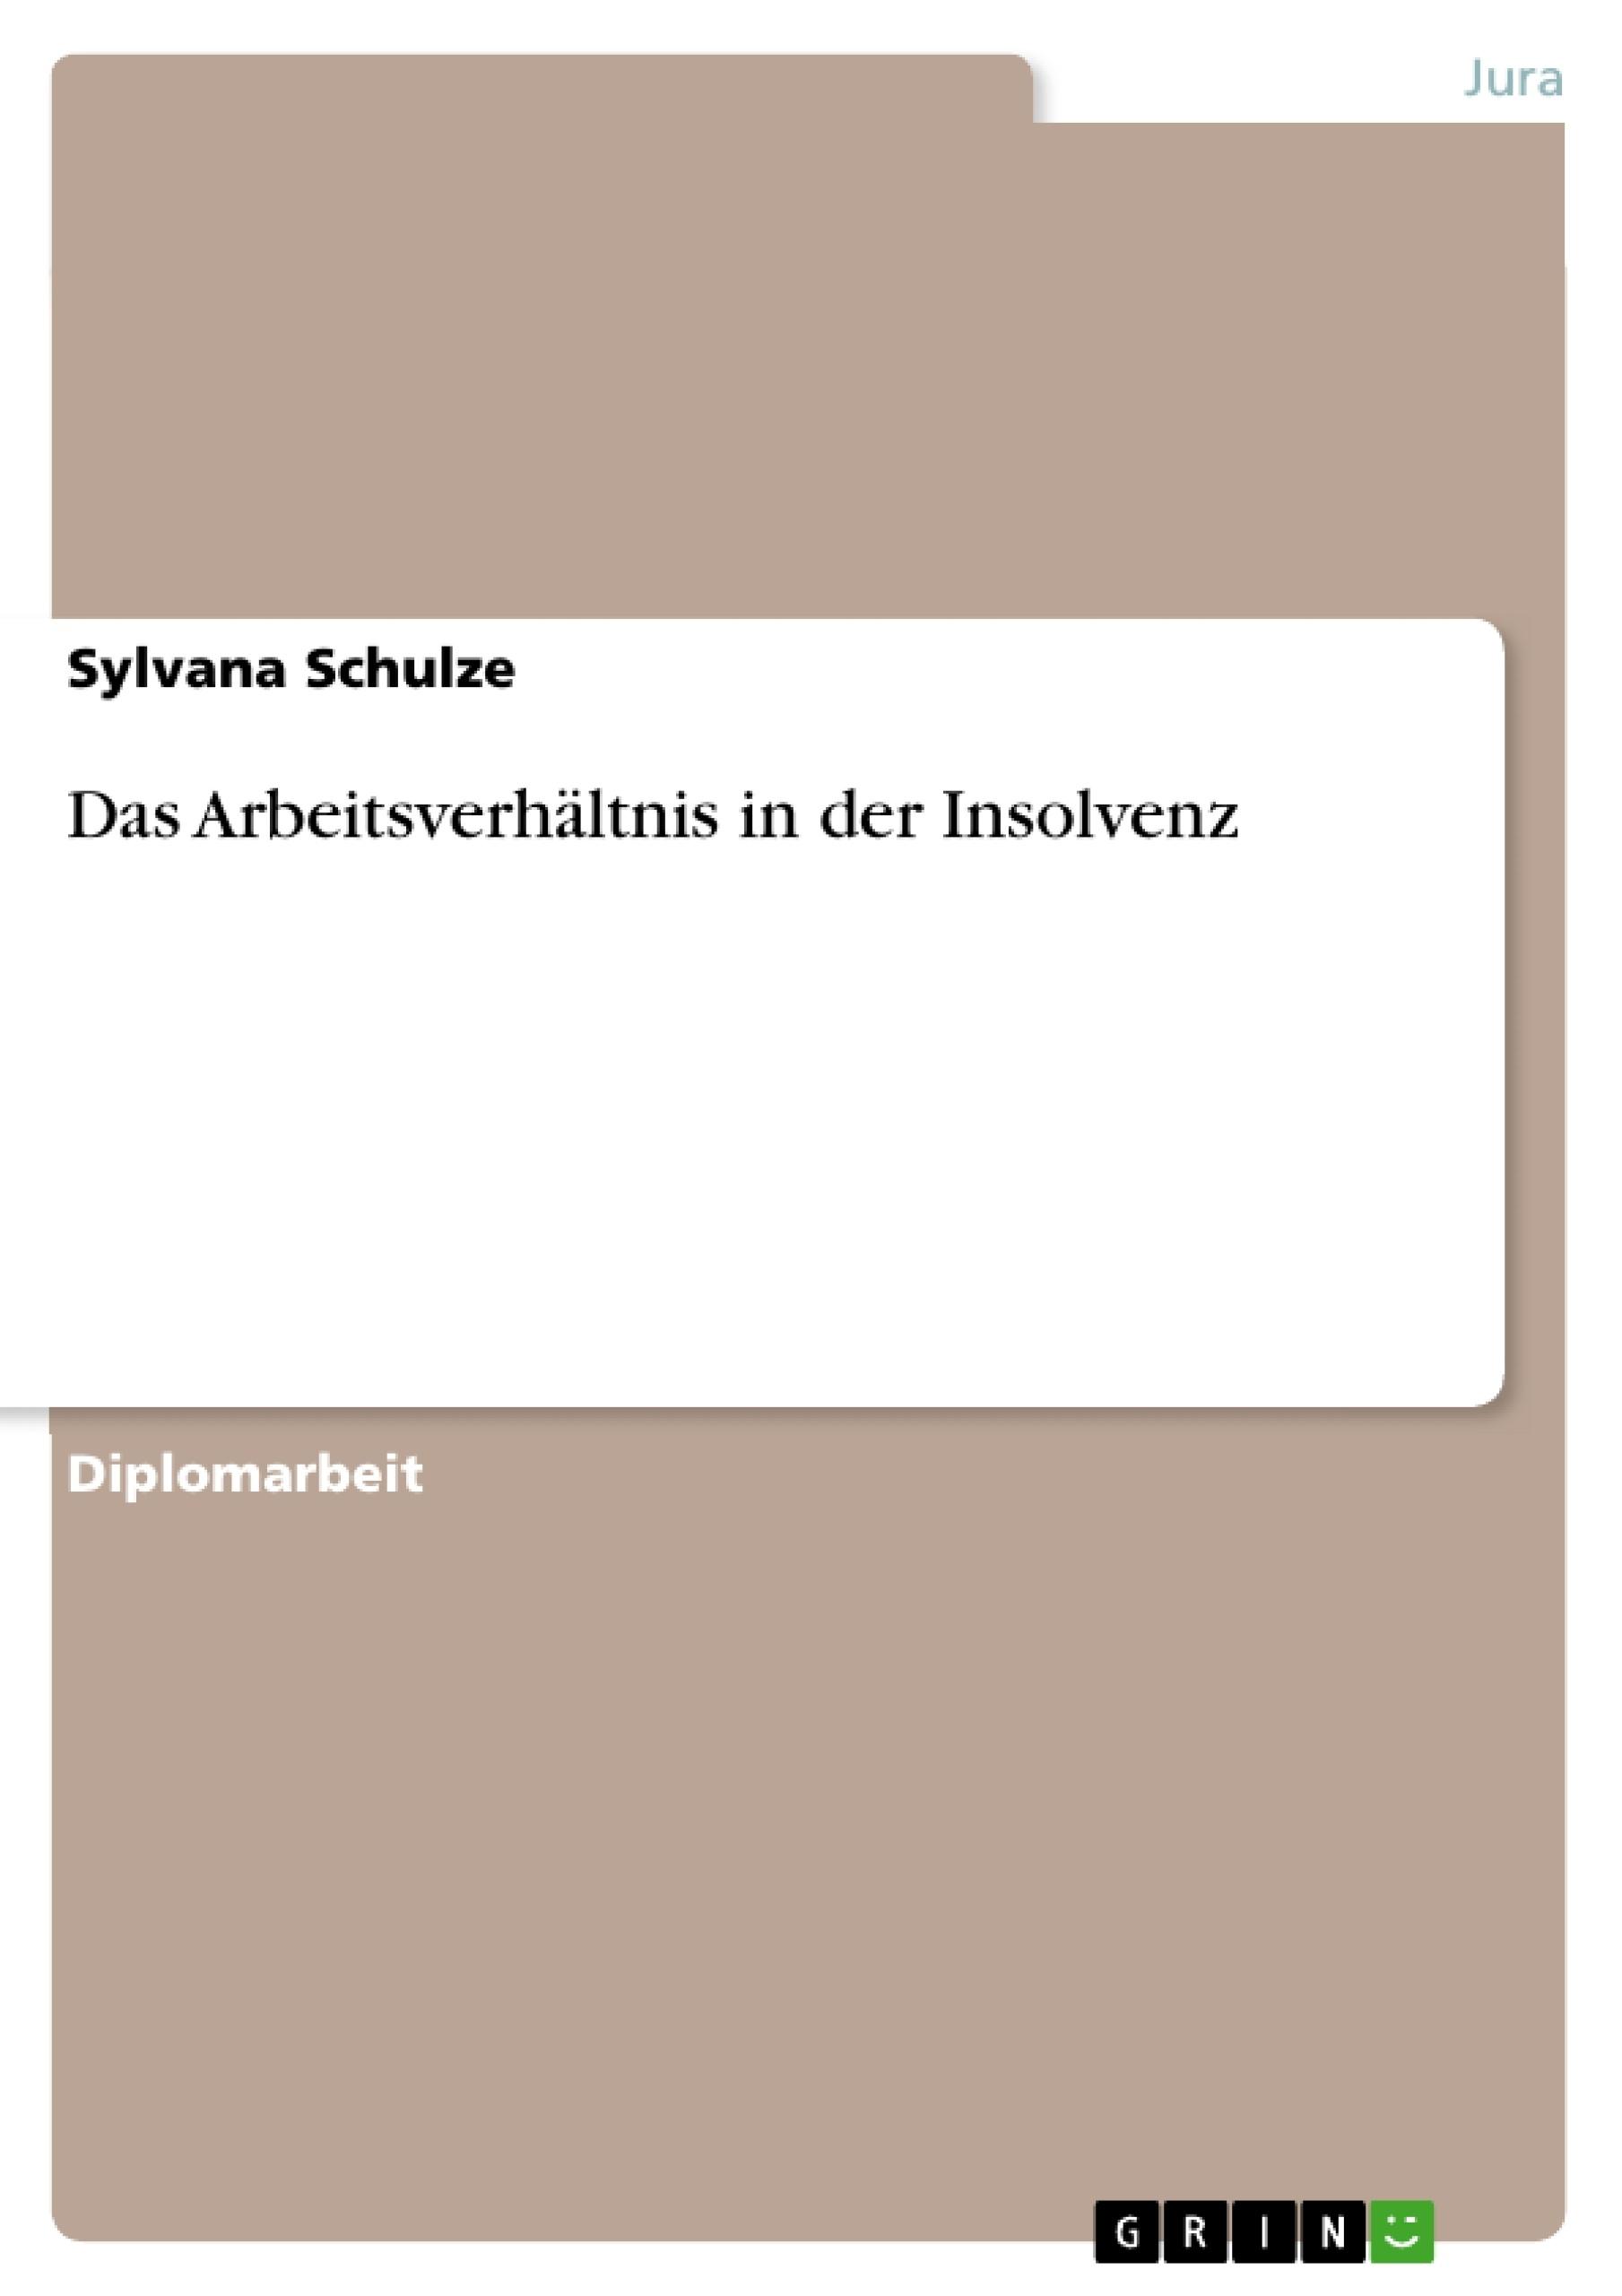 Titel: Das Arbeitsverhältnis in der Insolvenz